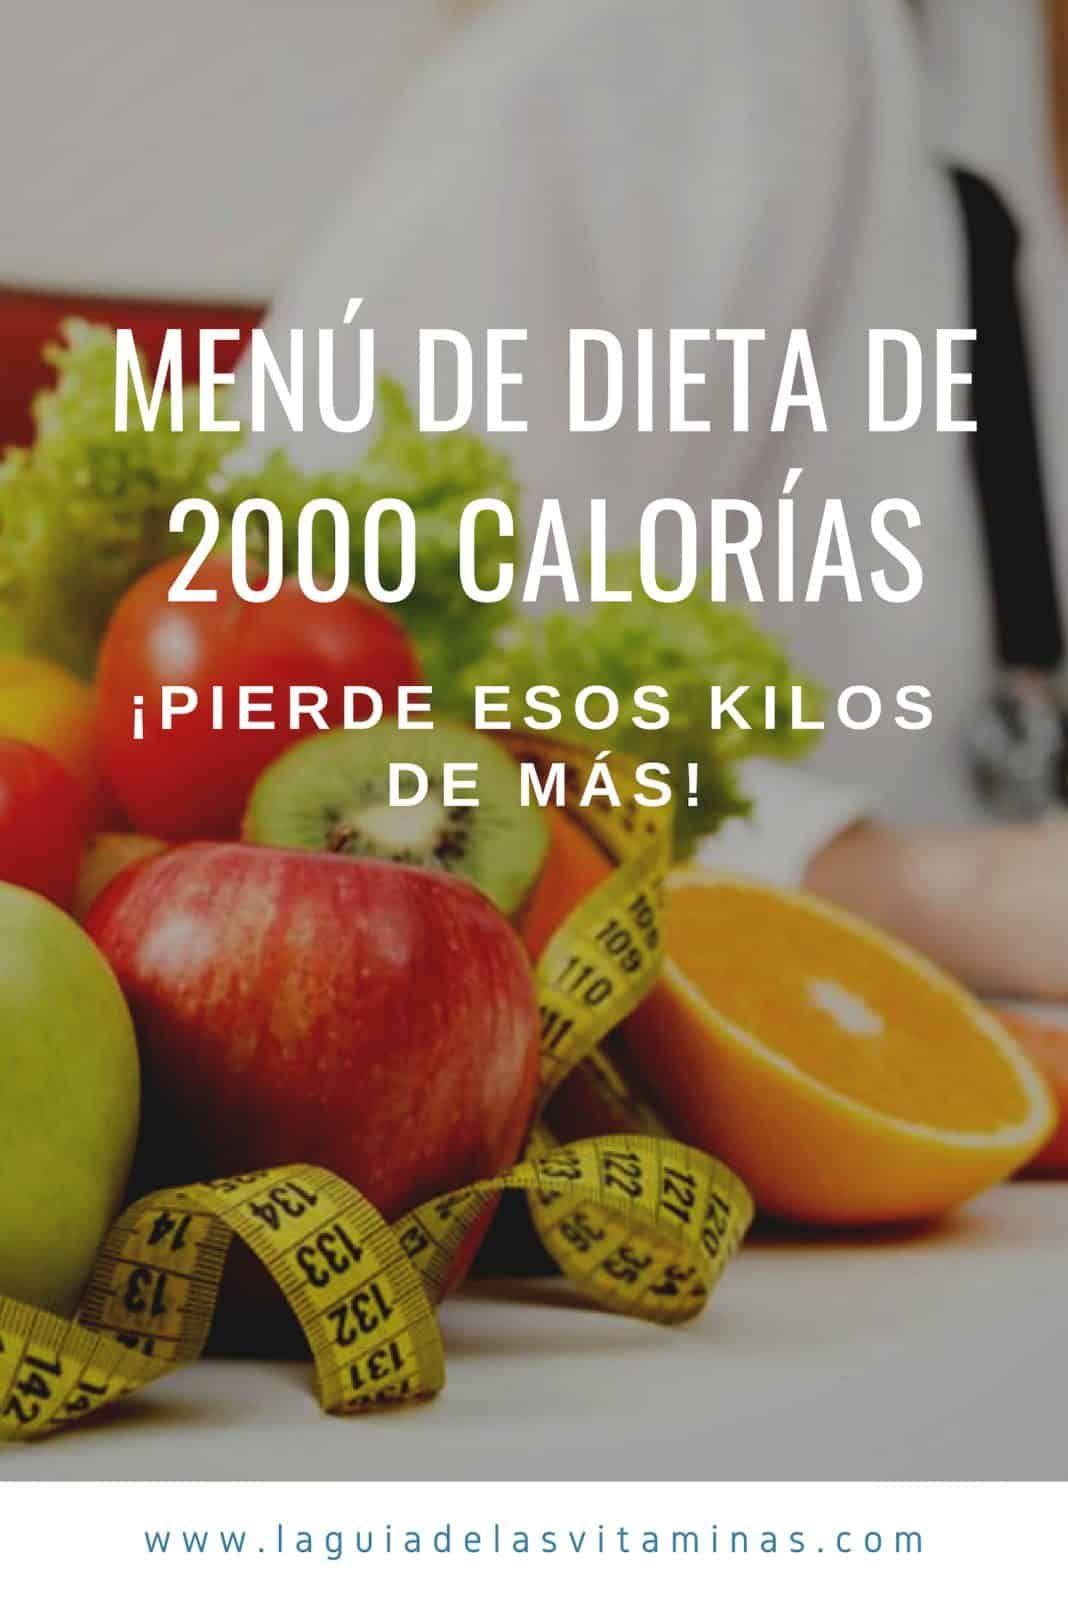 Dieta equilibrada de 2000 calorias